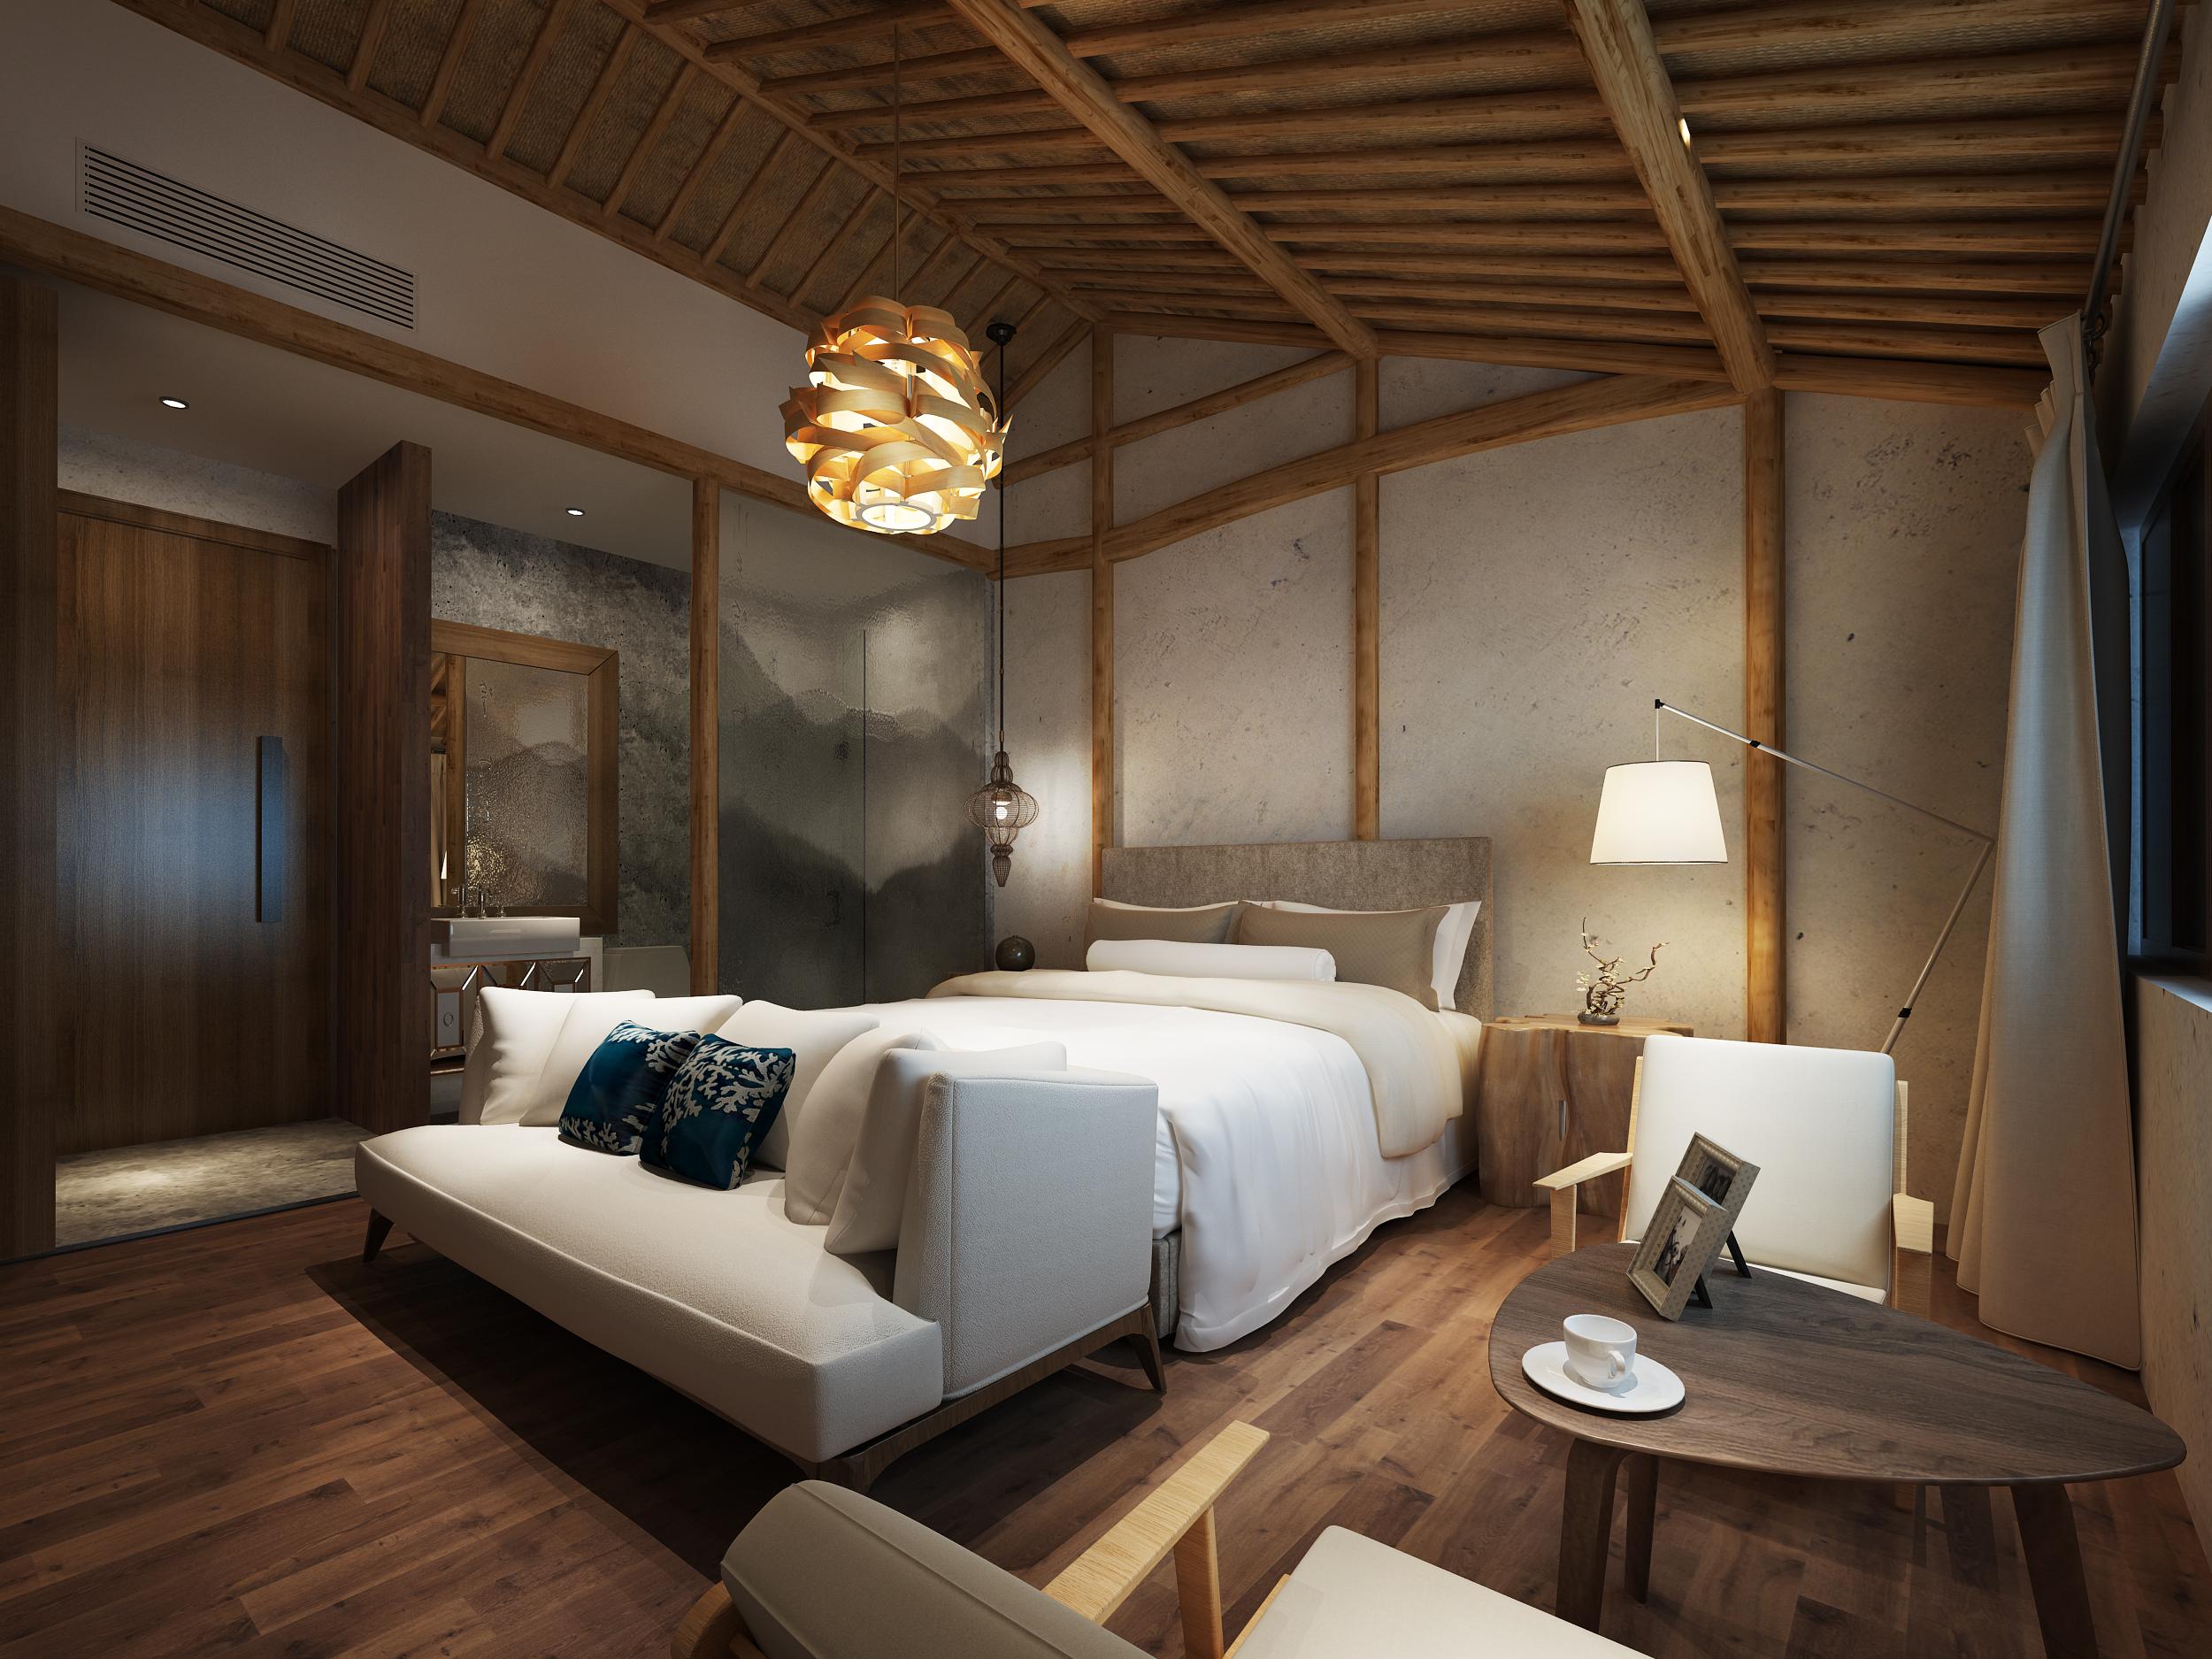 民宿效果表现-室内设计-空间-设计作品-中国设计之窗